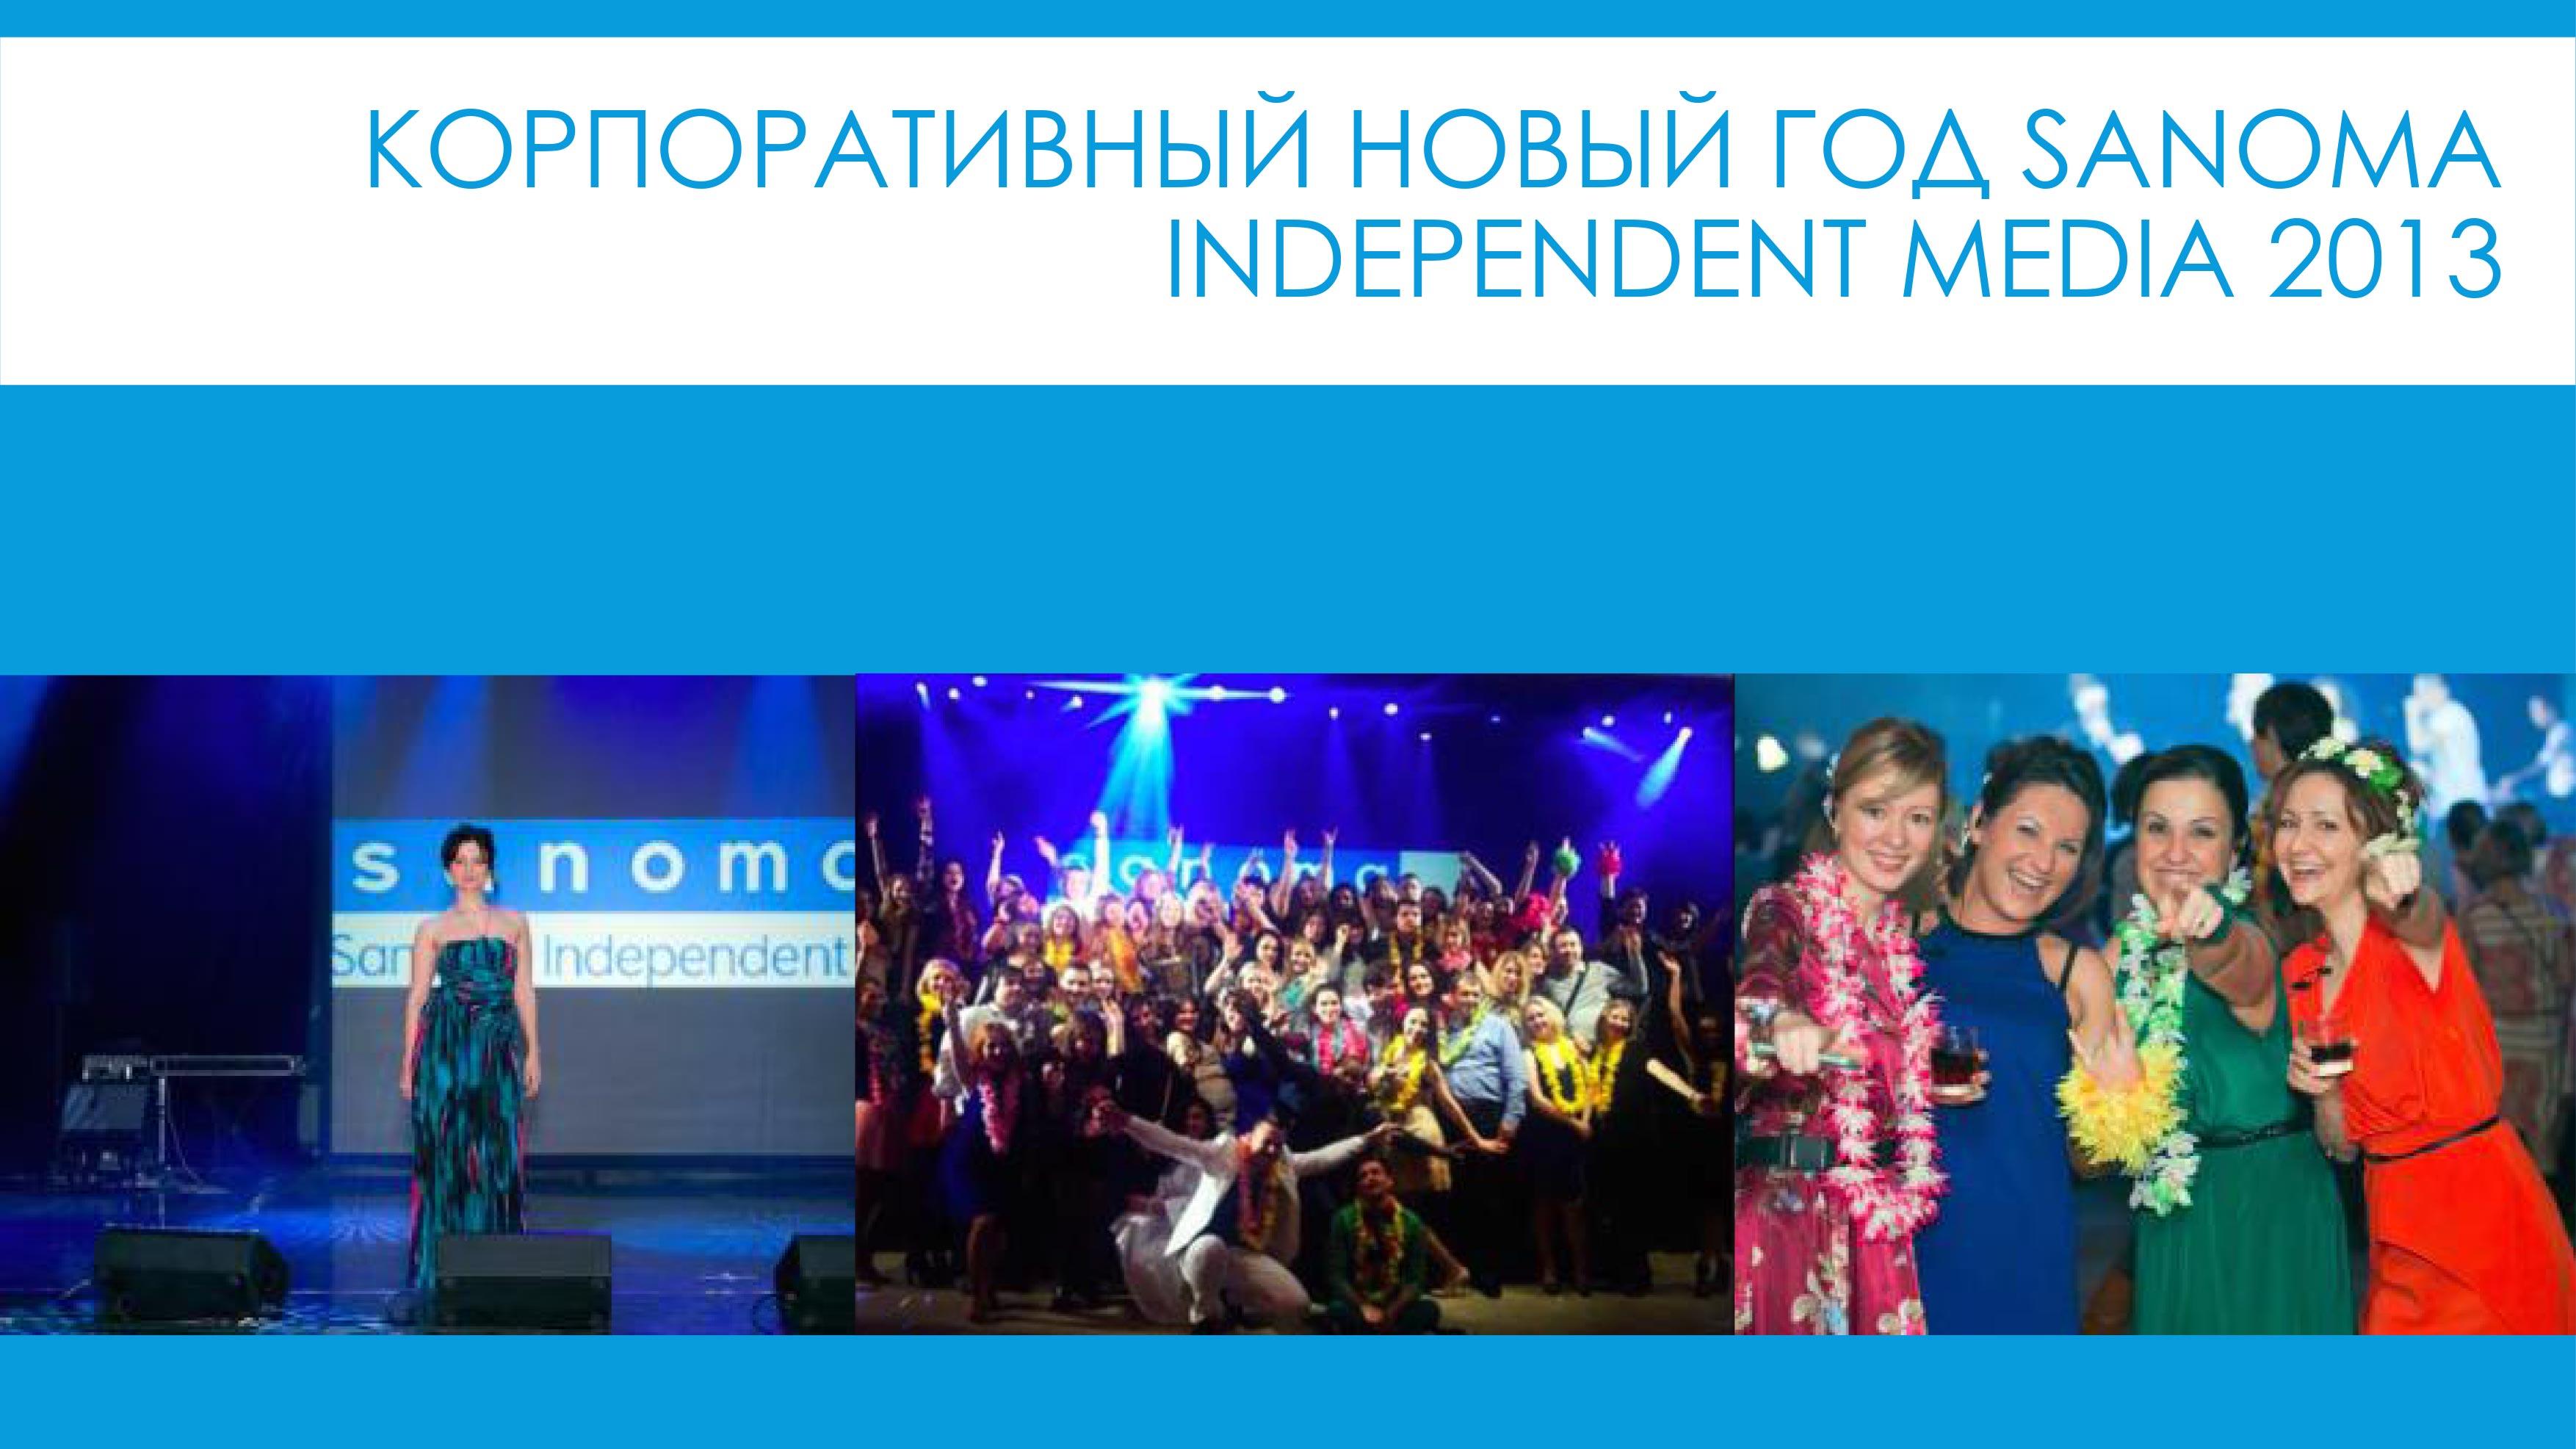 event агентство москва презентация